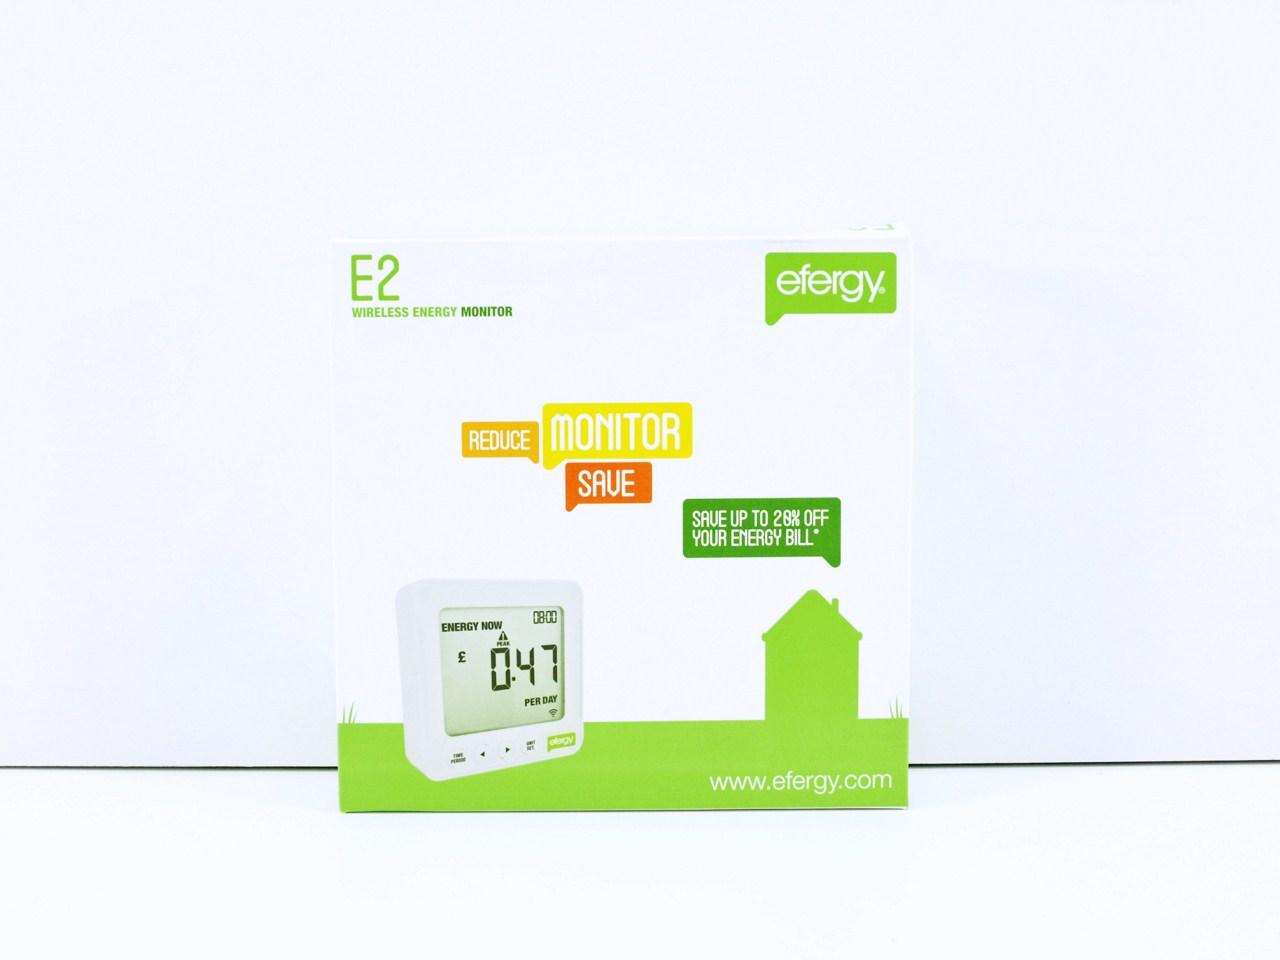 efergy elite wireless energy monitor instructions